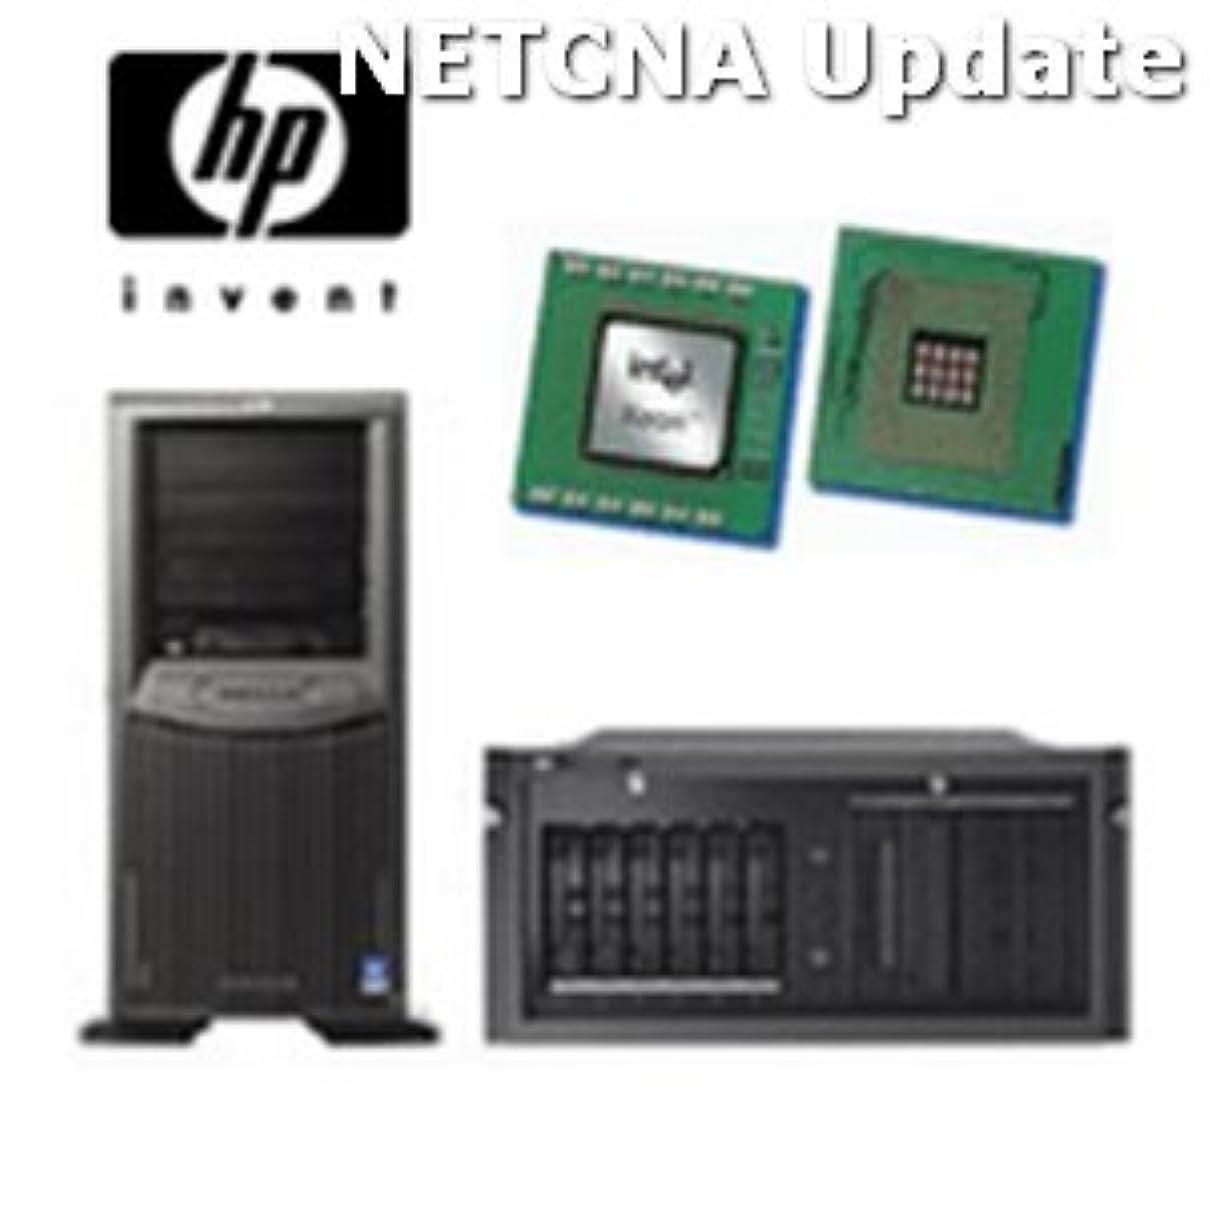 ソケットブルゴーニュミスペンド373521 – 001 HP XEON 3.2 GHz ml350 g4互換製品by NETCNA